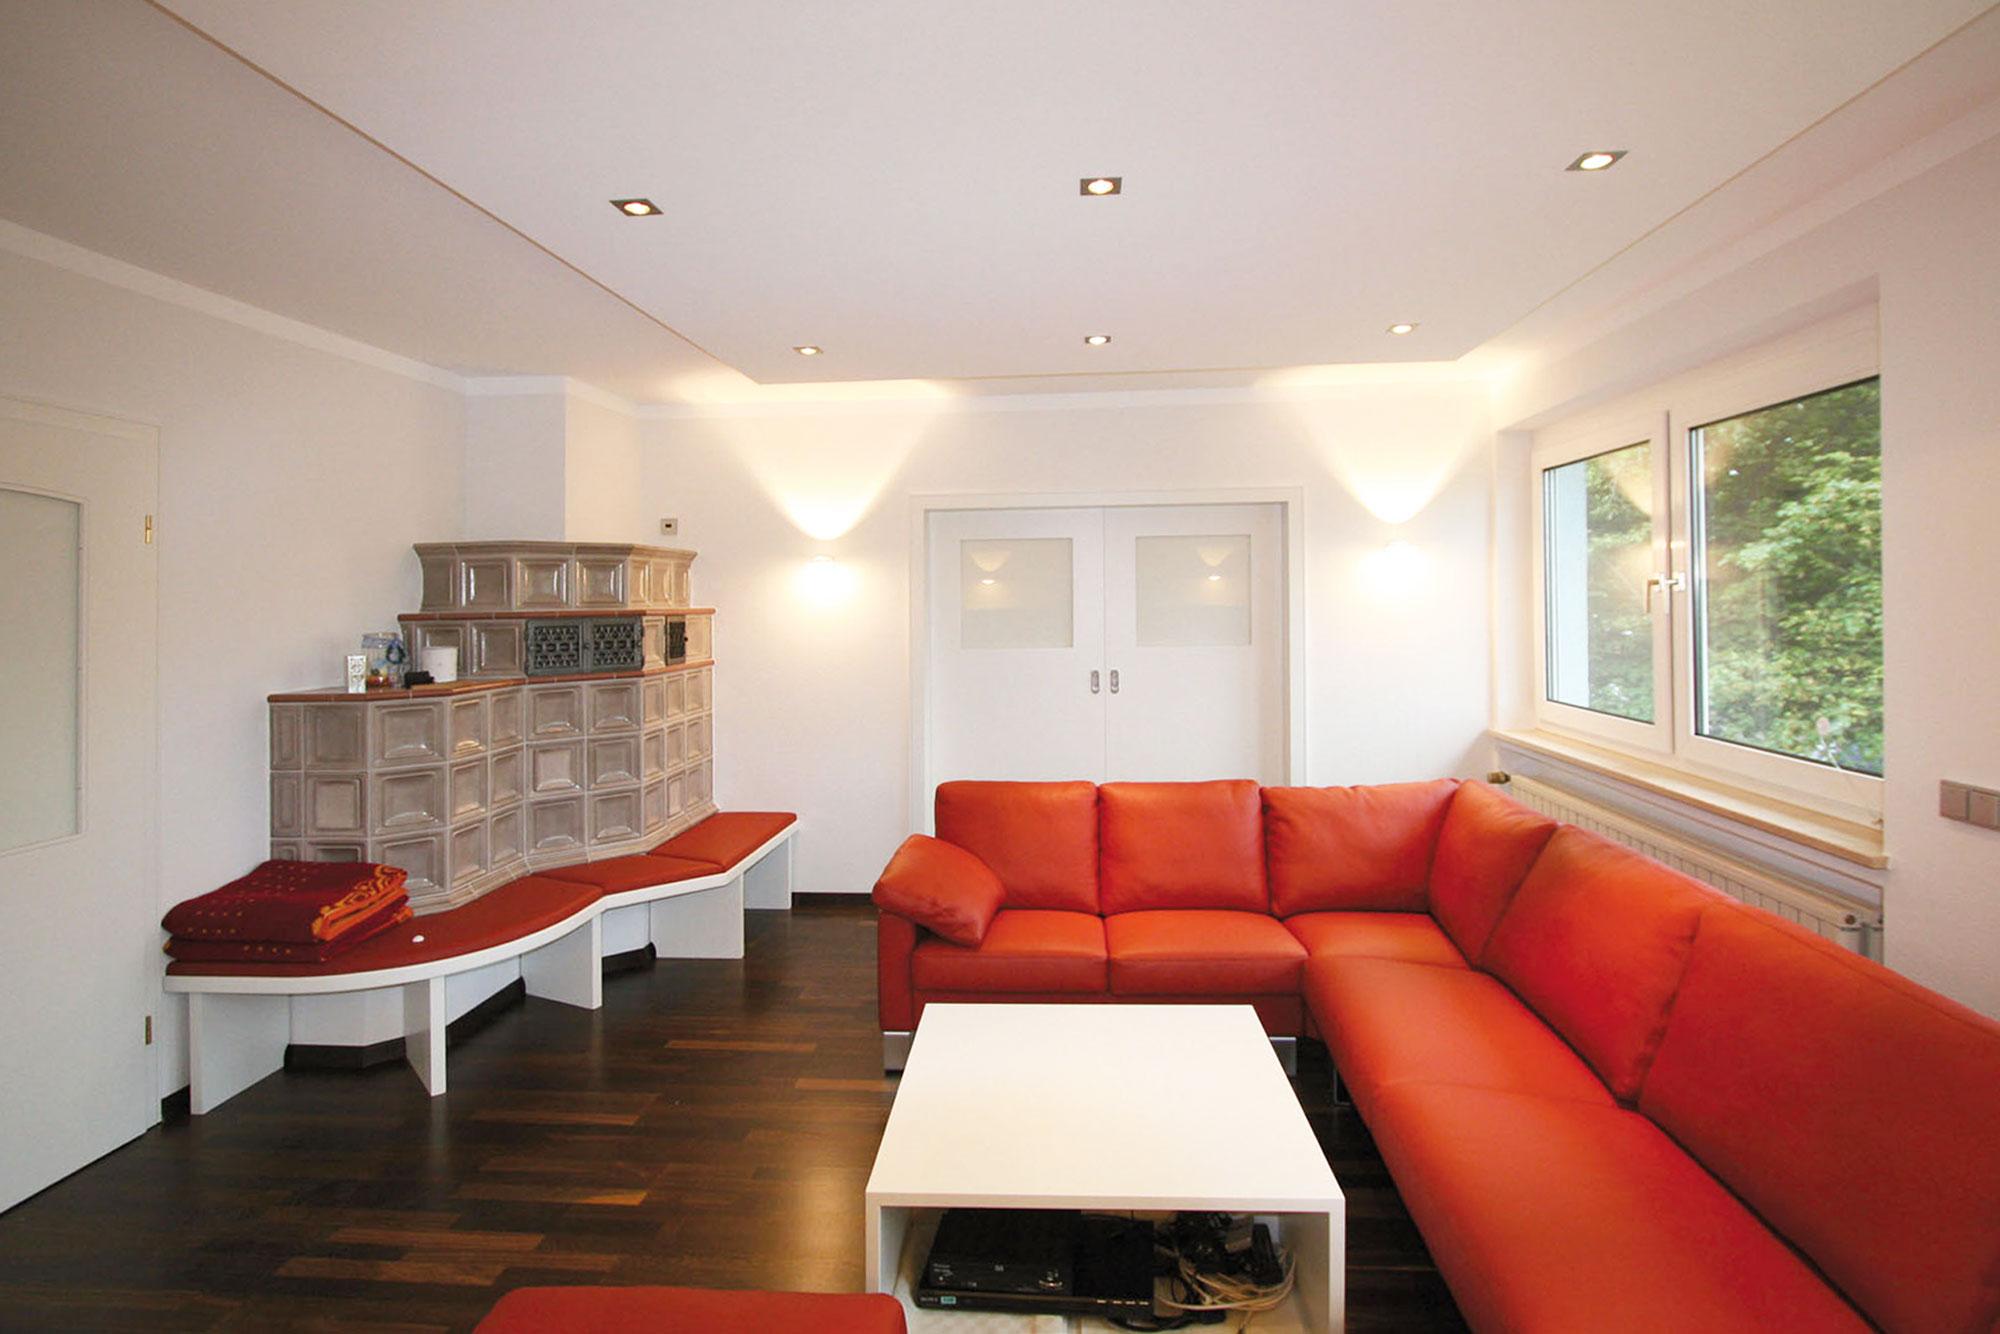 Innenarchitektur-München-Umbau-Wohnung-Wohnzimmer-01